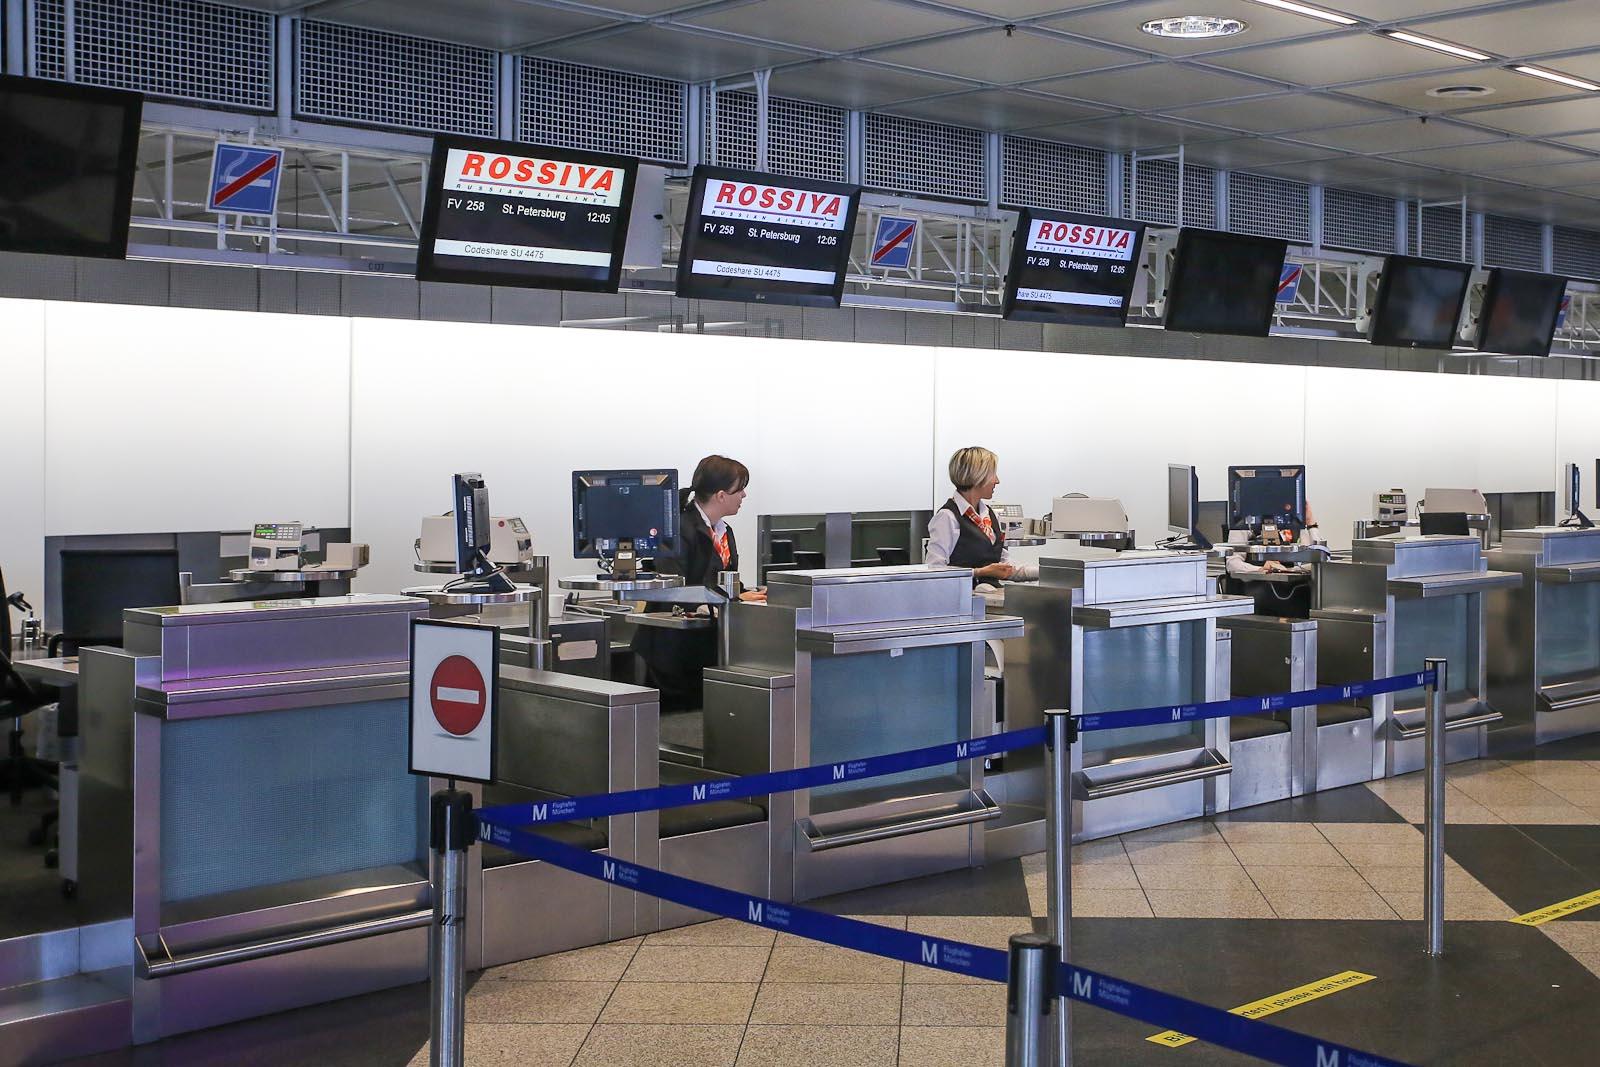 Стойки регистрации в Терминале 1 аэропорта Мюнхен